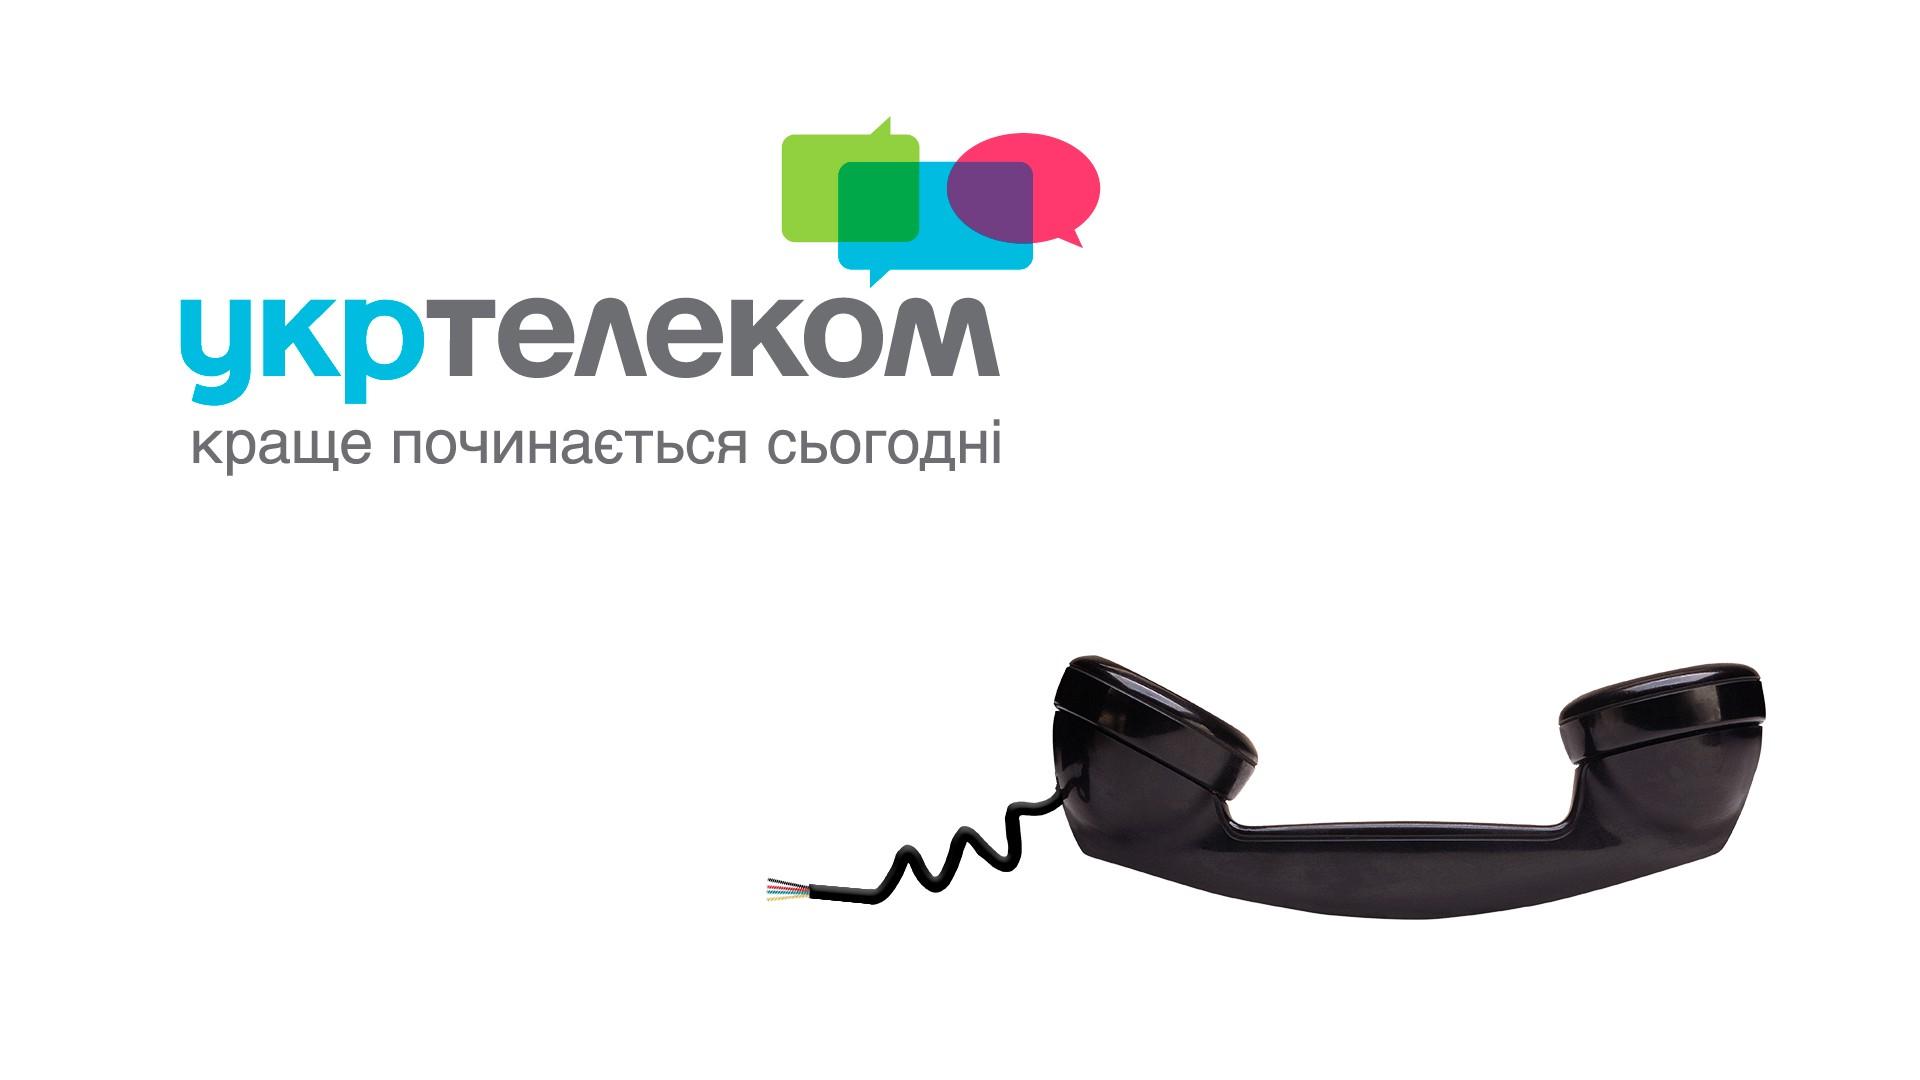 Звонить дорого - в Украине повысили стоимость на стационарные телефоны